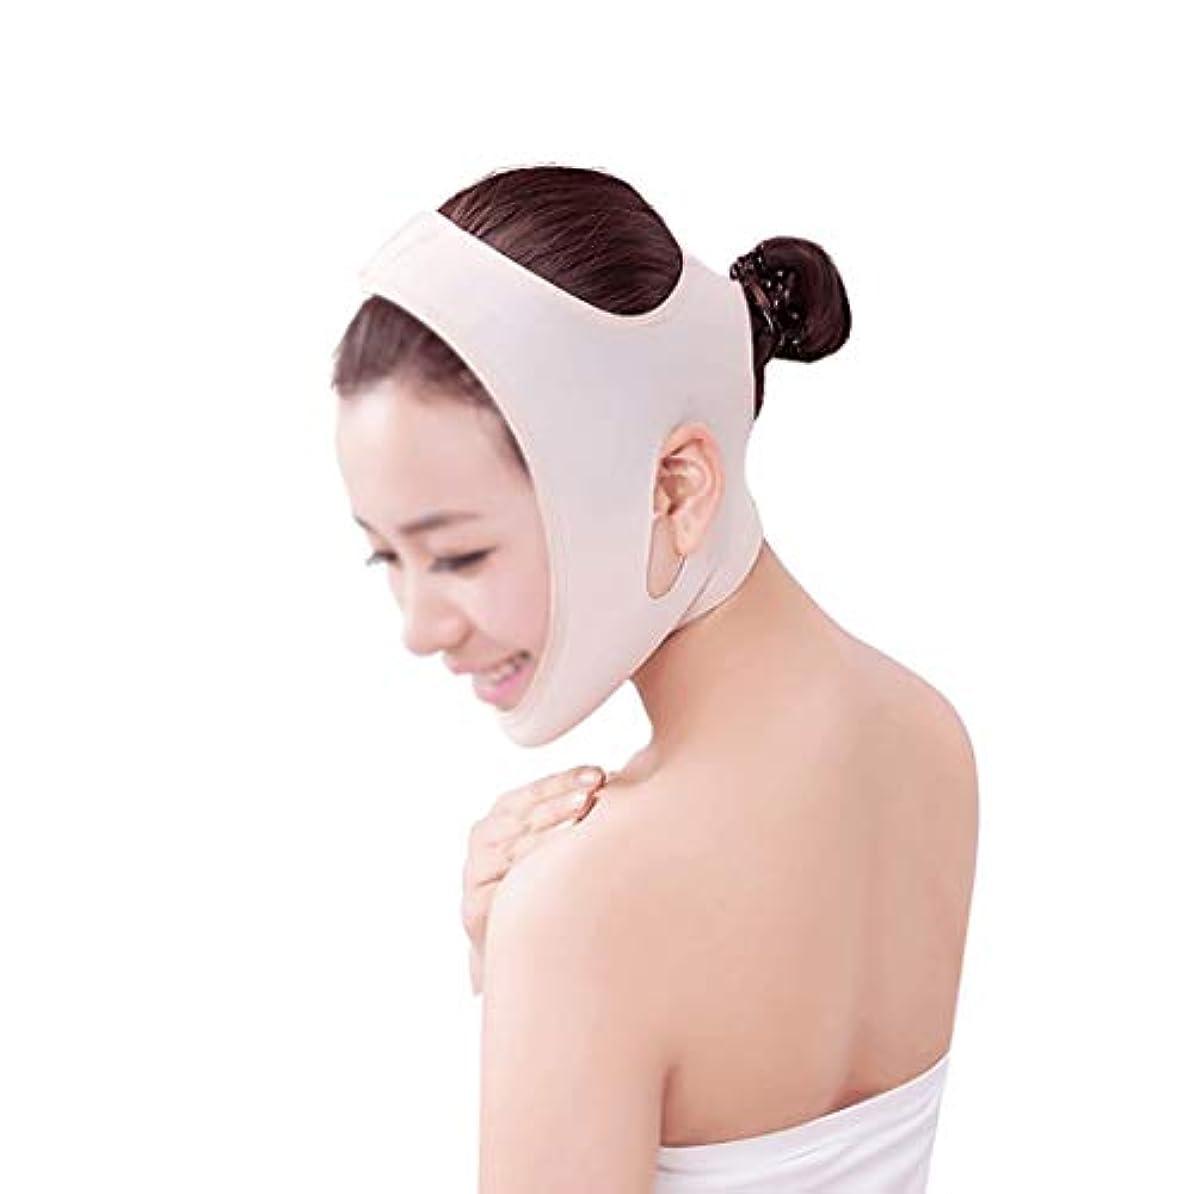 一緒に貯水池エッセンス顔と首リフト術後弾性セット美容マスク小V顔アーティファクトタイトリフティングゴムバンドリフティングフェイス薄い顔包帯 (Size : L)